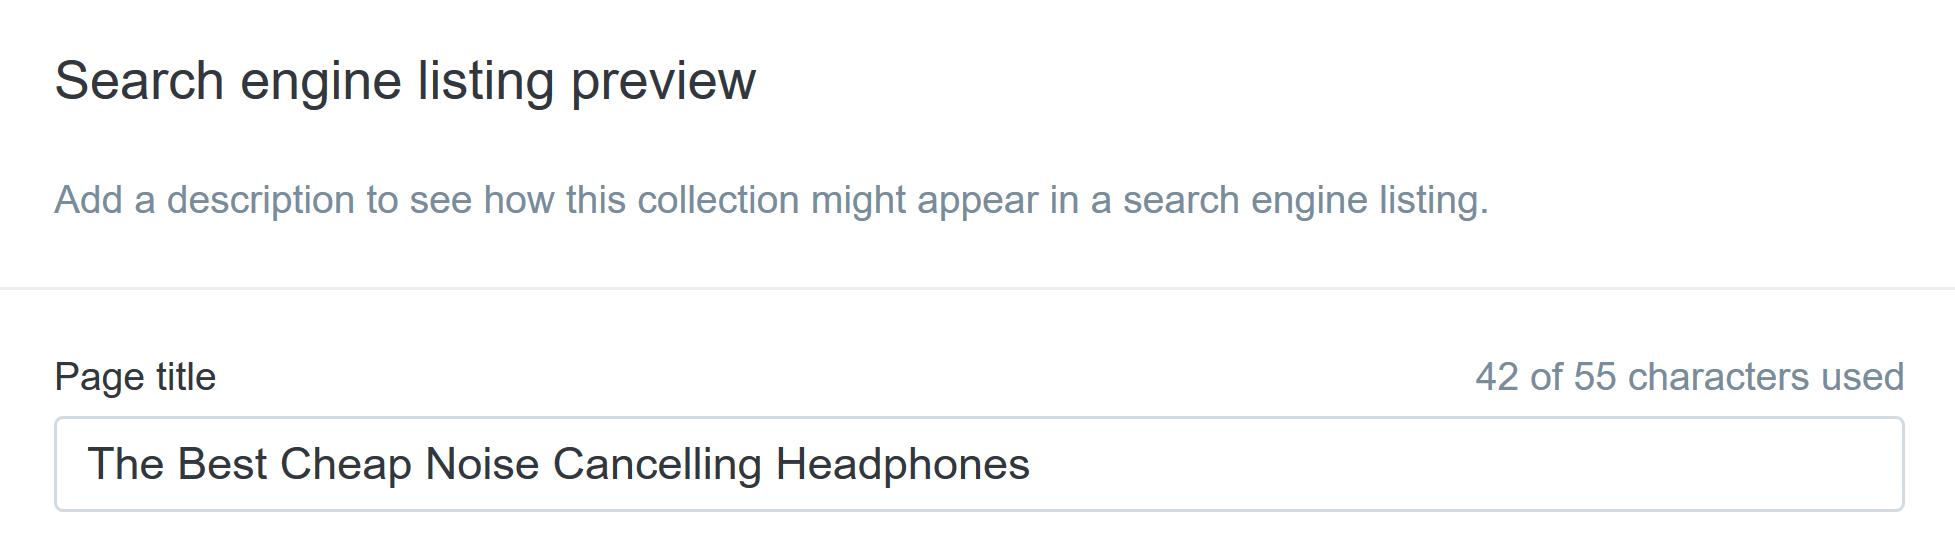 vista previa del listado del motor de búsqueda